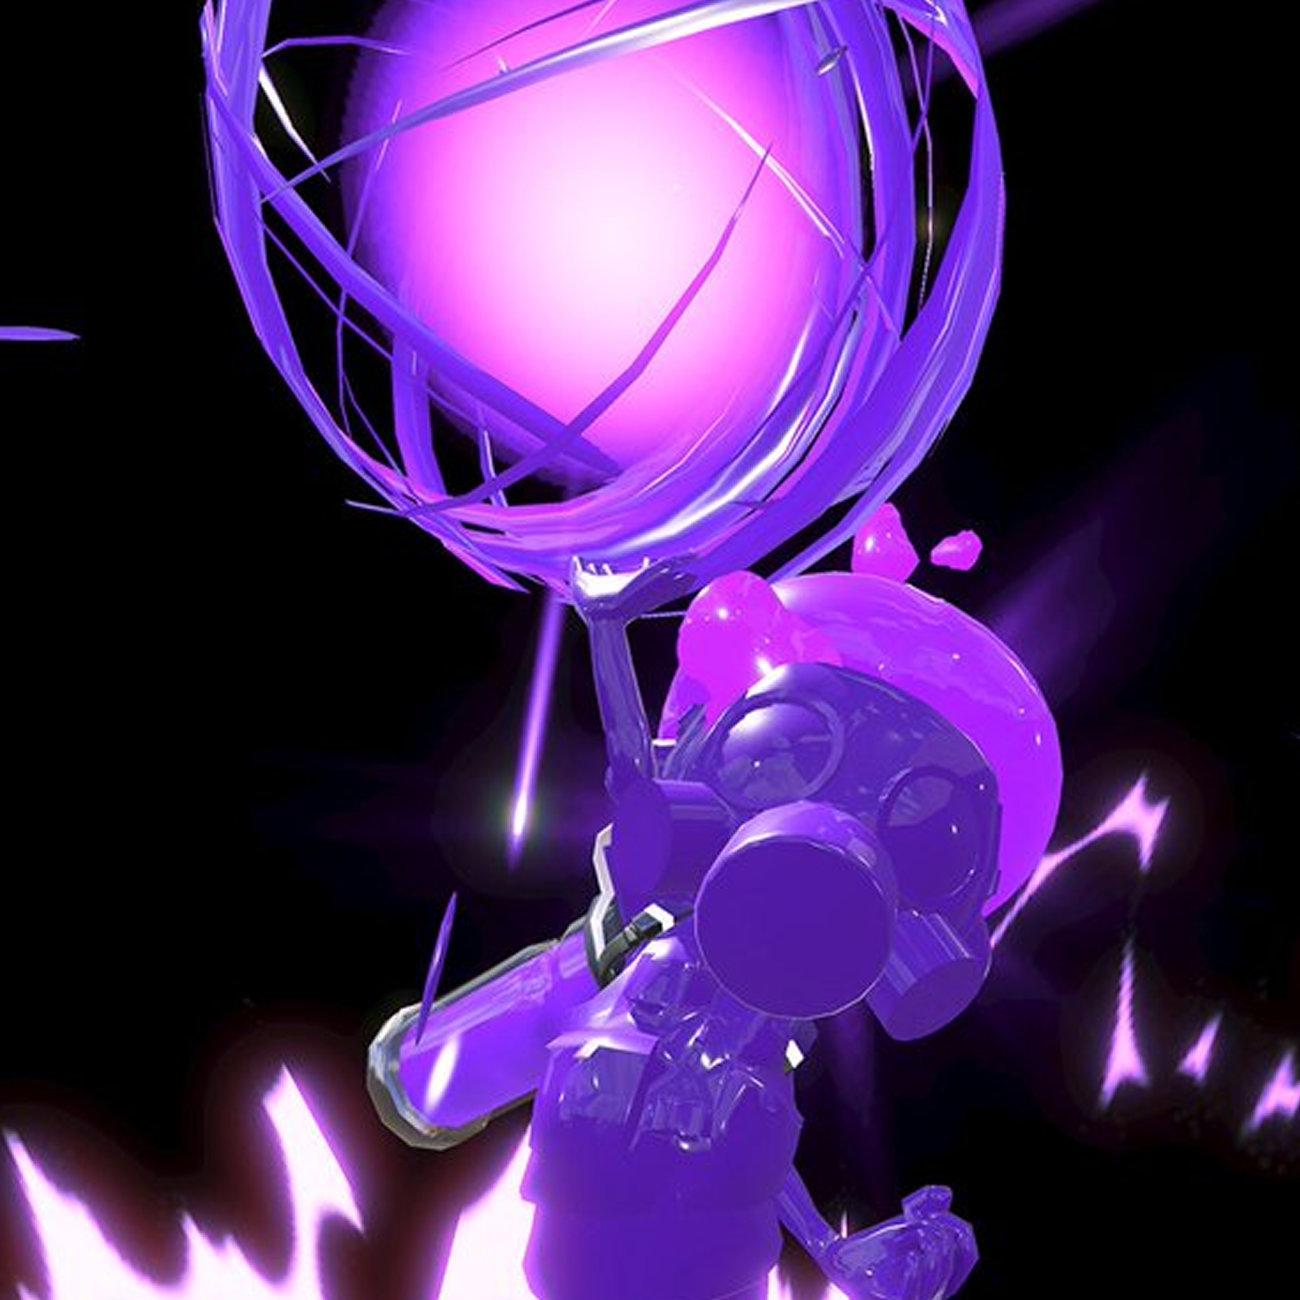 スプラトゥーン2、ドラゴンボールの元気玉っぽいもの導入予定